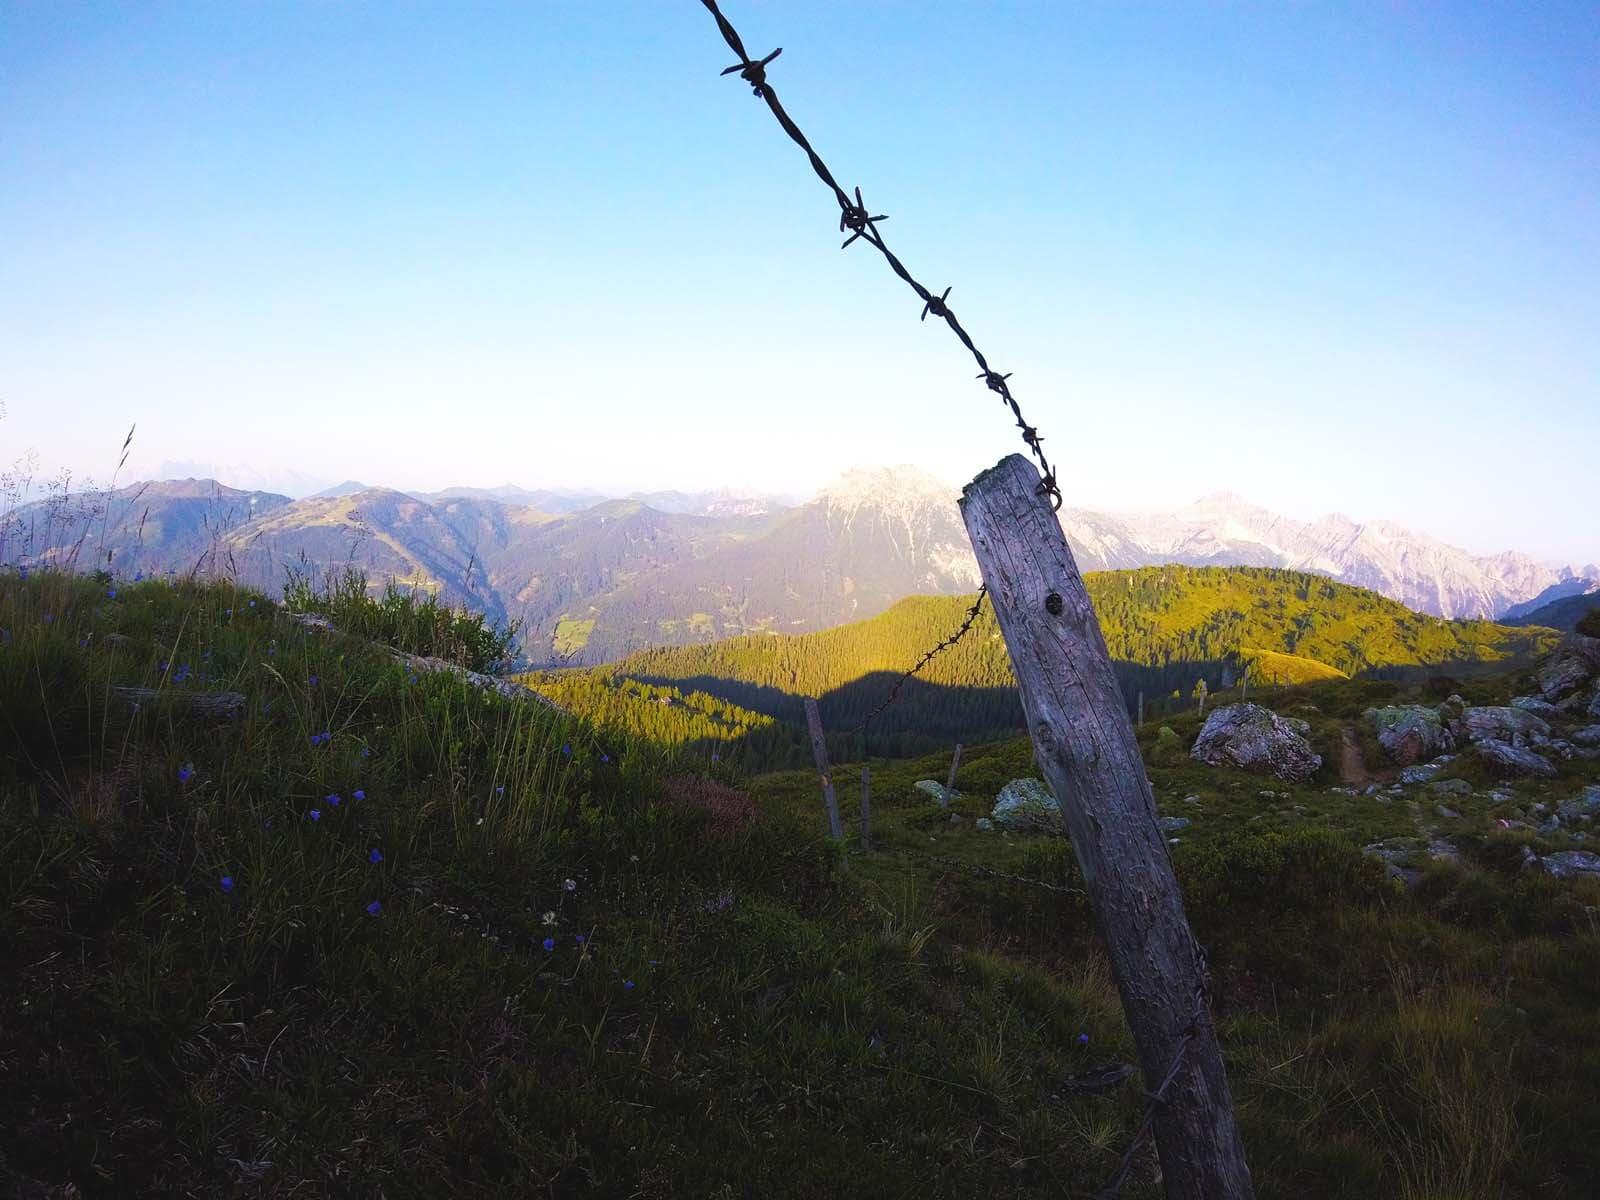 unglaubliches Panorama am Penkkopf in Wagrain-Kleinarl